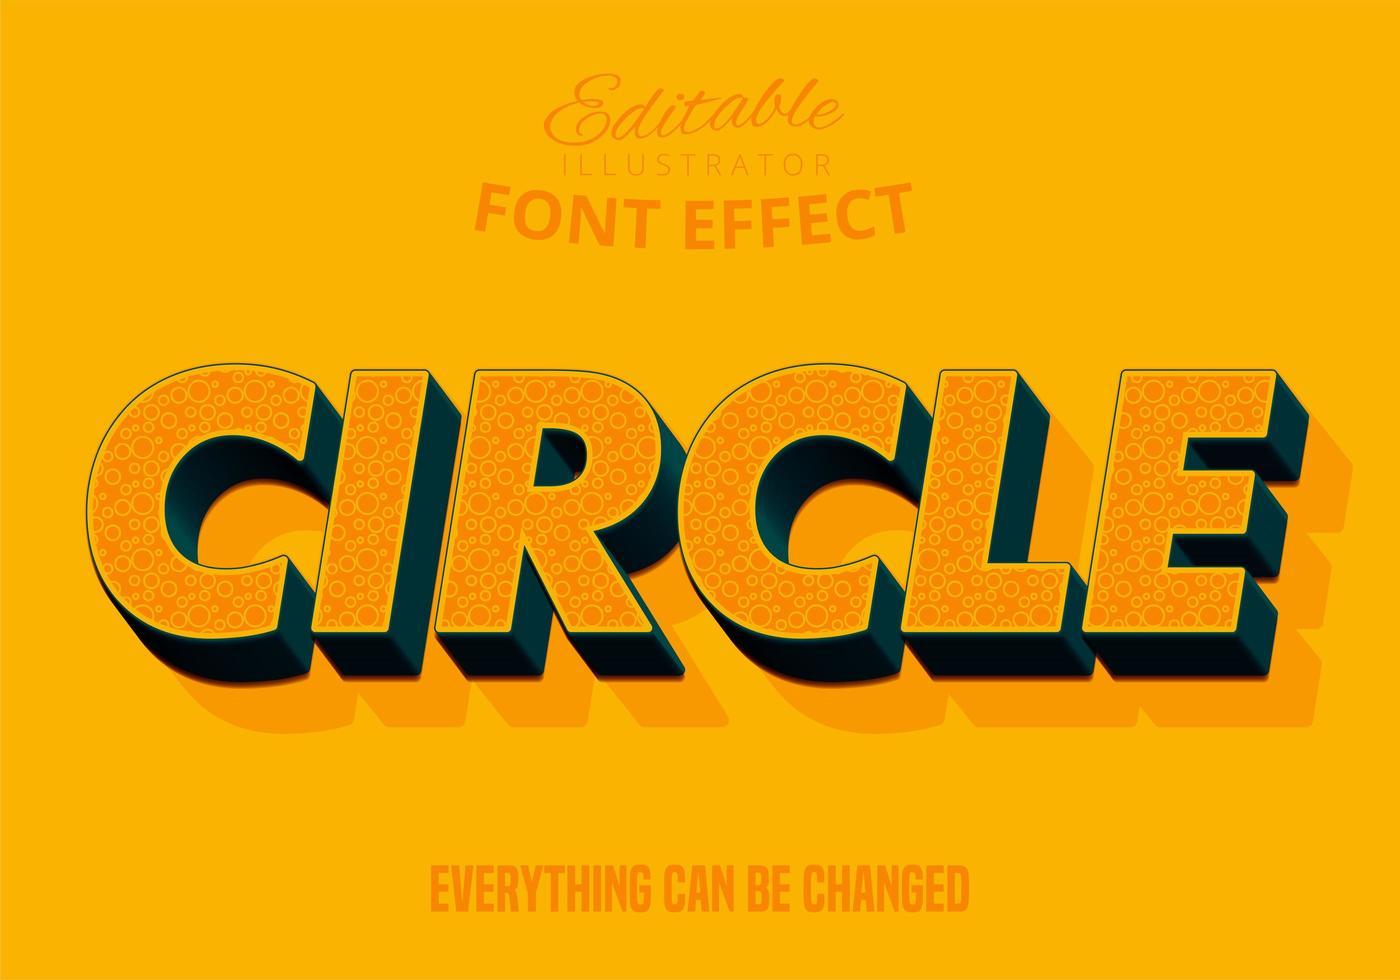 Texte de motif de cercle, style de texte modifiable vecteur